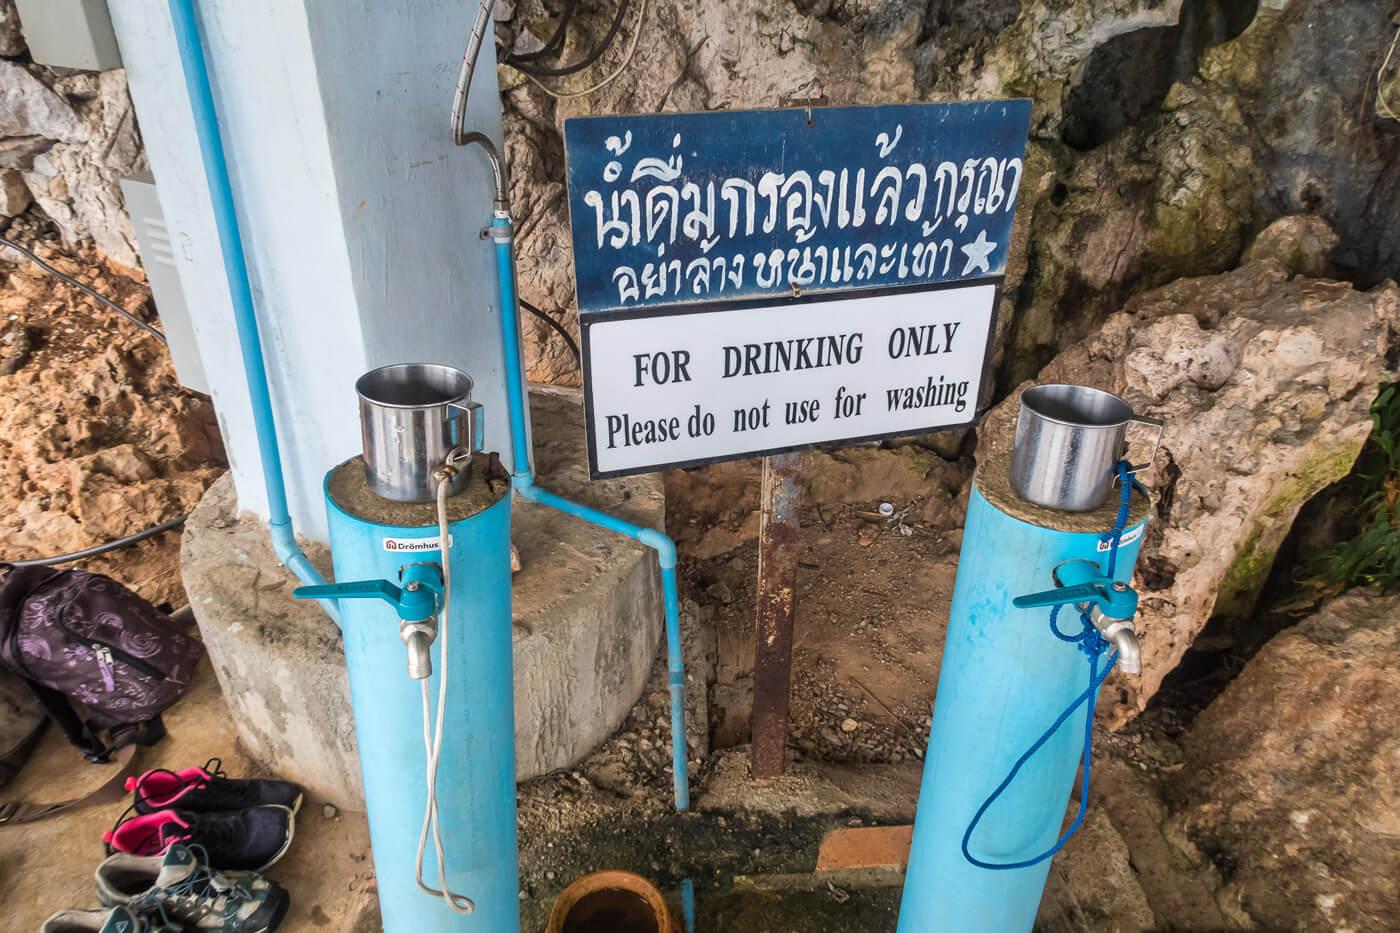 Вдоль лестницы установлены резервуары с водой